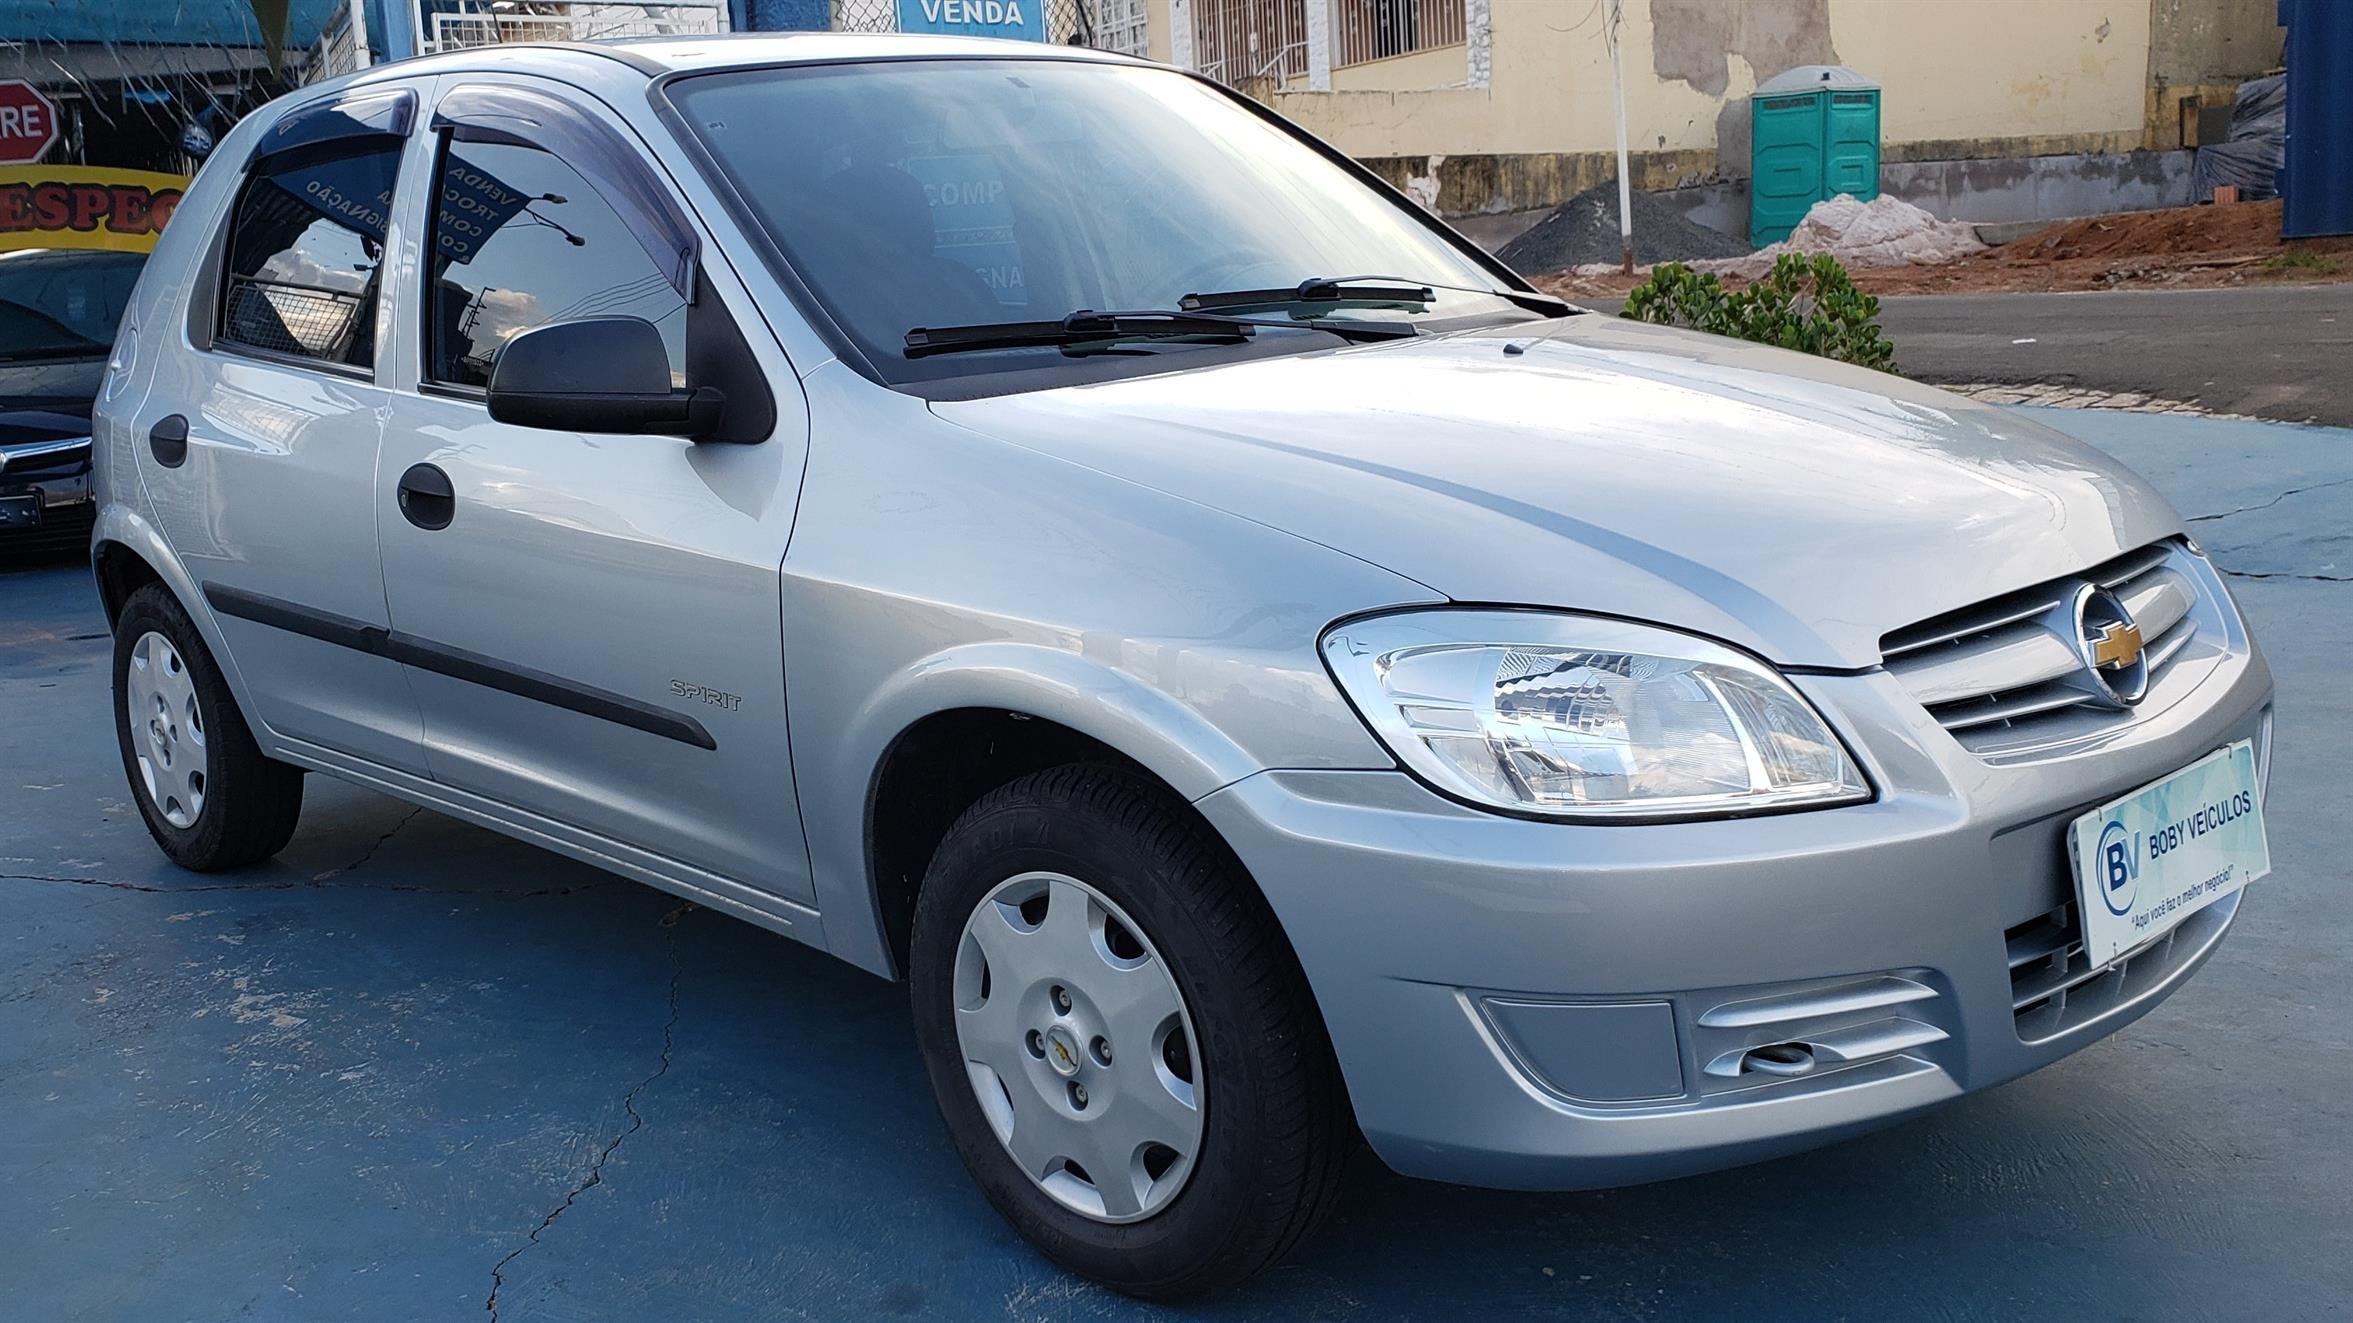 //www.autoline.com.br/carro/chevrolet/celta-10-spirit-8v-flex-4p-manual/2011/rio-claro-sp/14011984